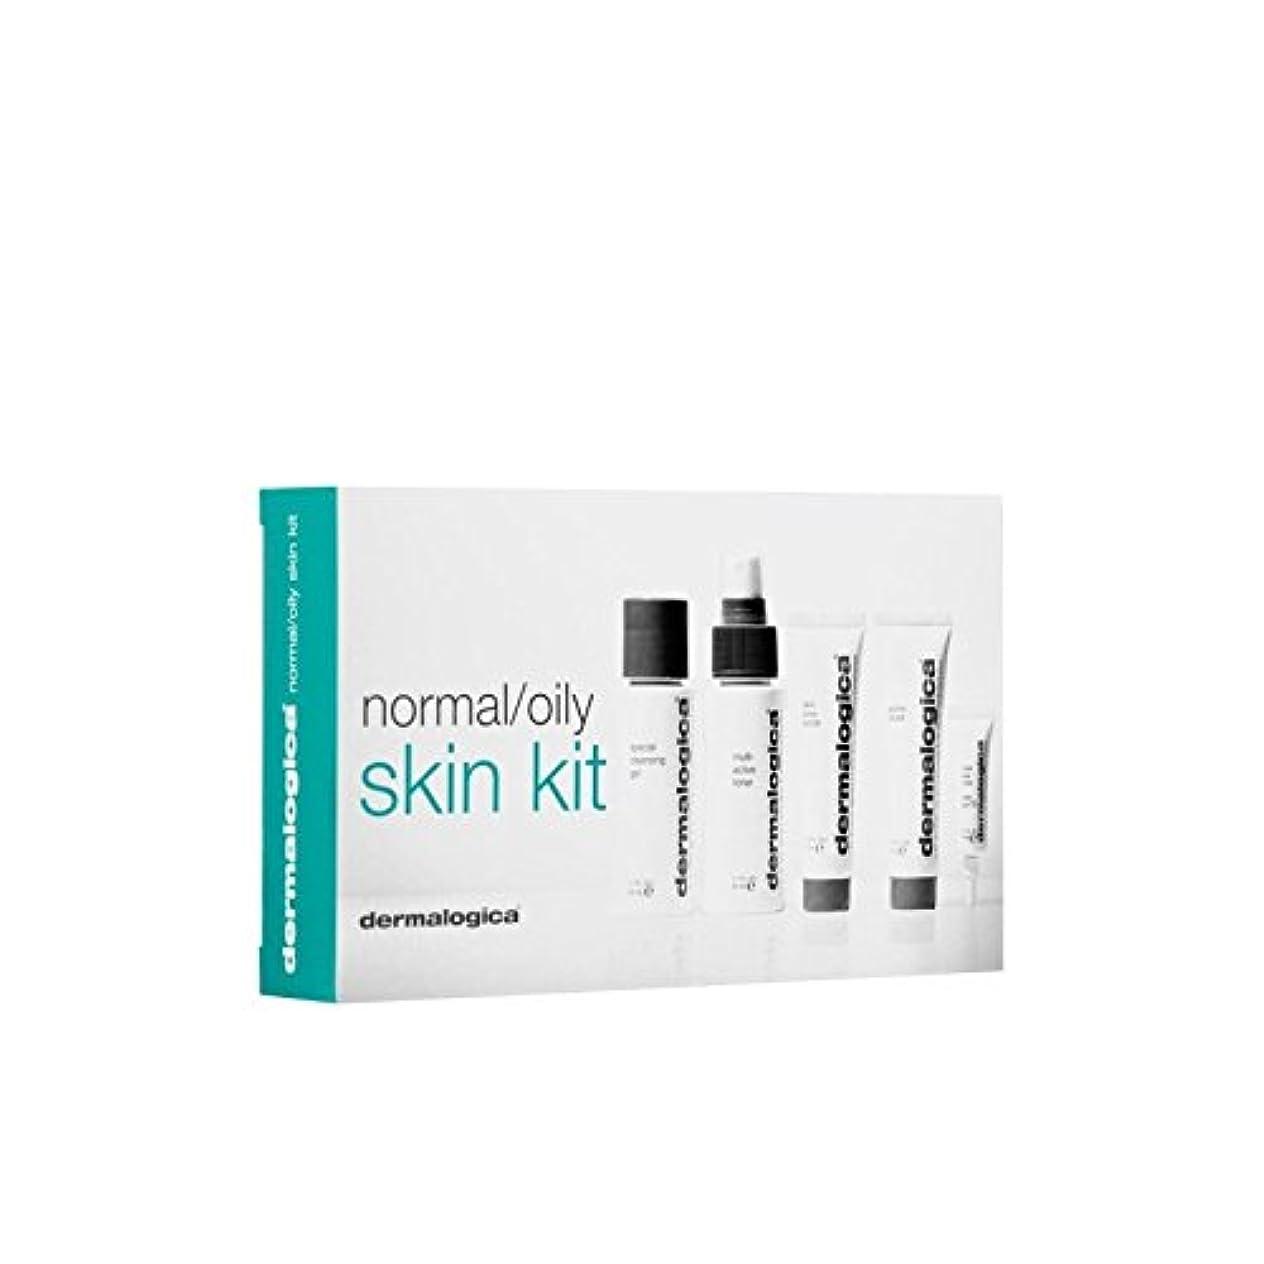 祖父母を訪問惑星と組むダーマロジカスキンキット - ノーマル/オイリー(5製品) x4 - Dermalogica Skin Kit - Normal/Oily (5 Products) (Pack of 4) [並行輸入品]